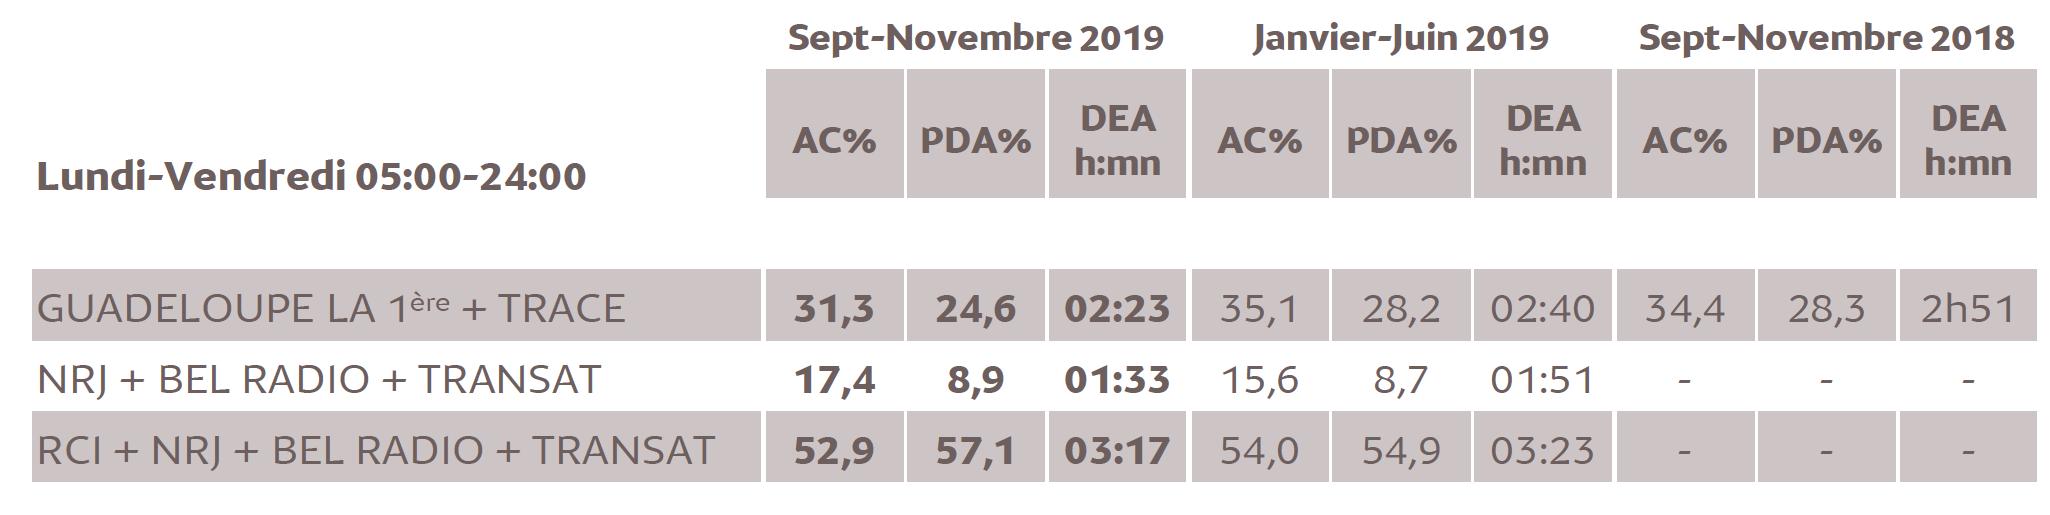 Source : Médiamétrie -Métridom -Septembre-Novembre 2019 -13 ans et plus -Copyright Médiamétrie -Tous droits réservés